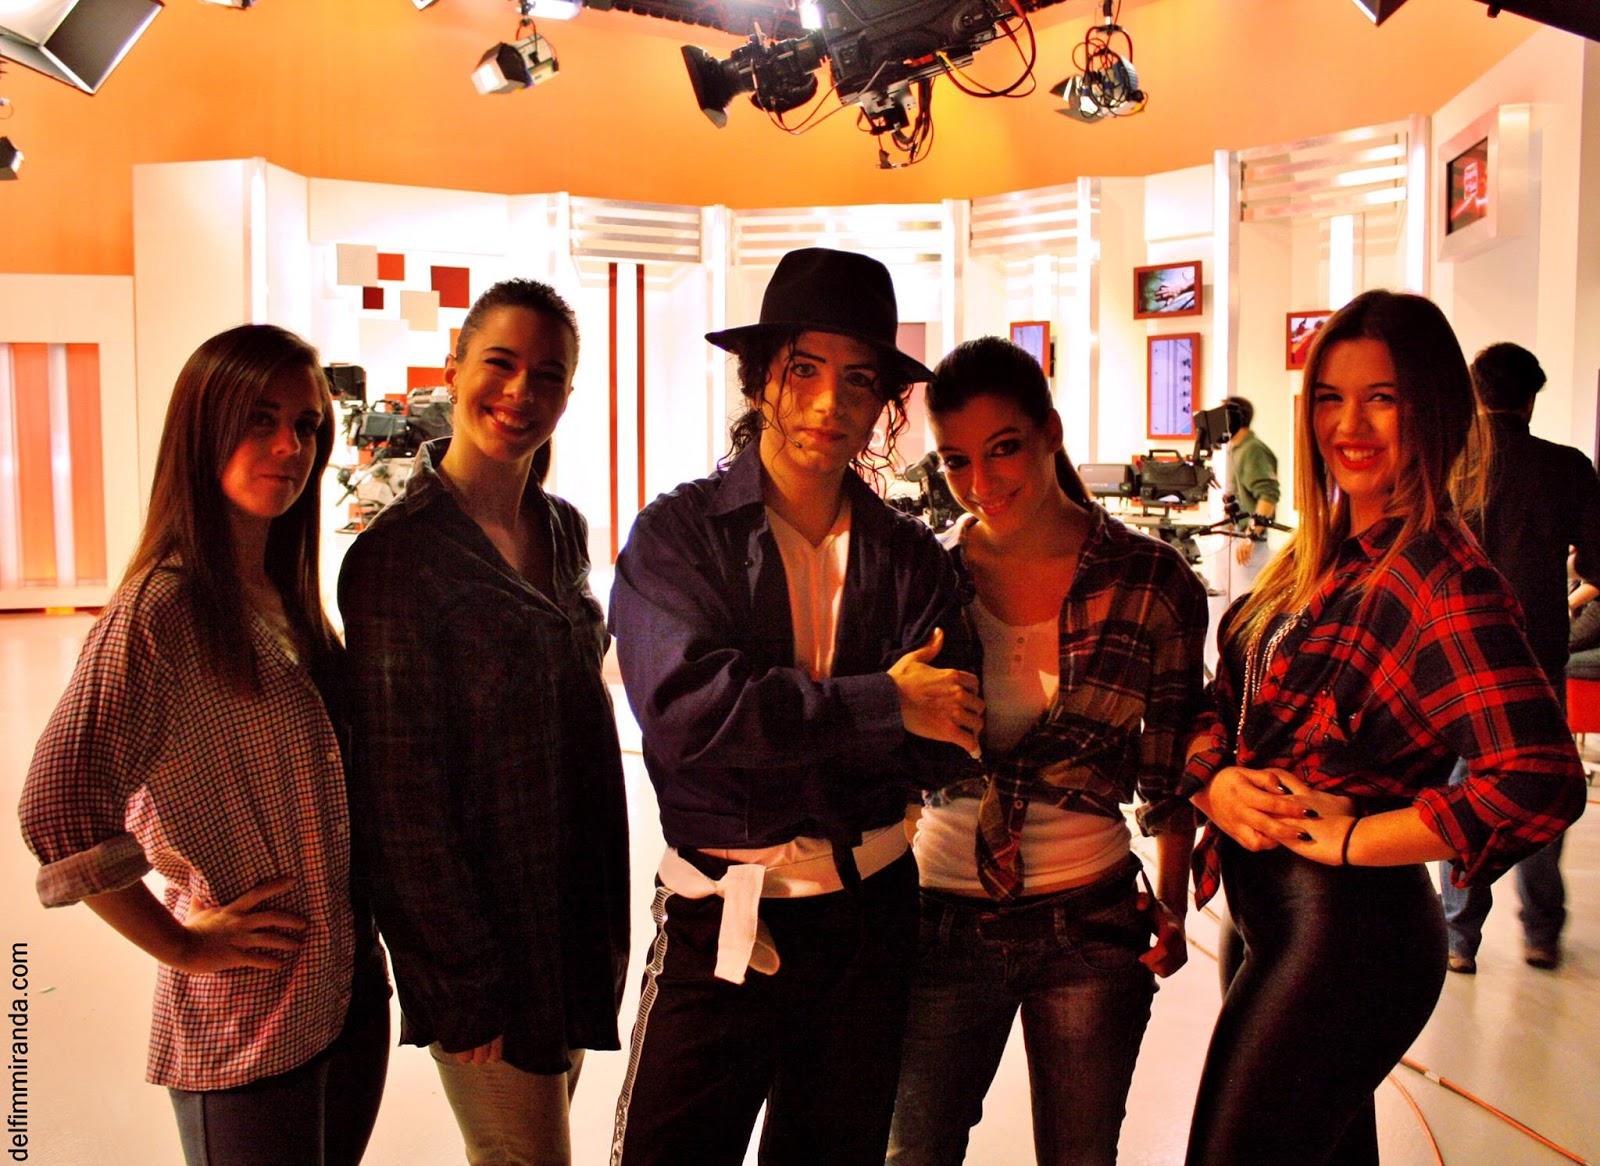 Delfim Miranda - Michael Jackson Tribute - Picture with the dance crew - TVI - Queluz de Baixo